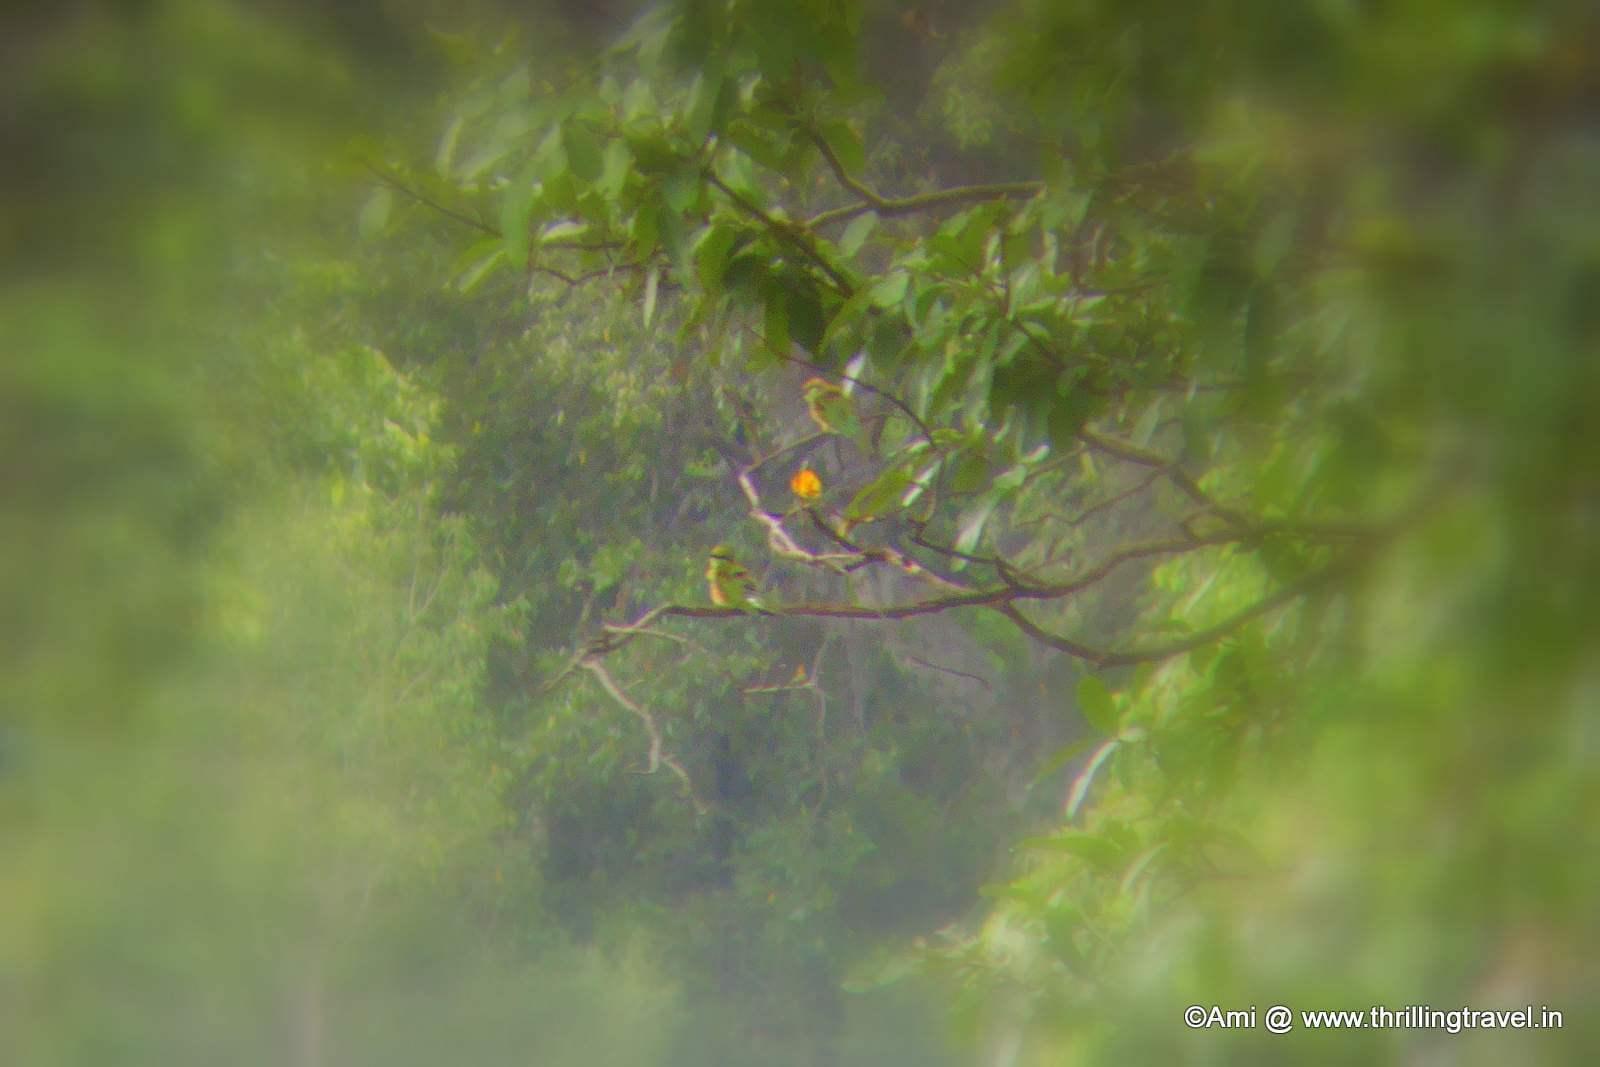 Birds through the binoculars at the Bheemeshwari Fishing Camp